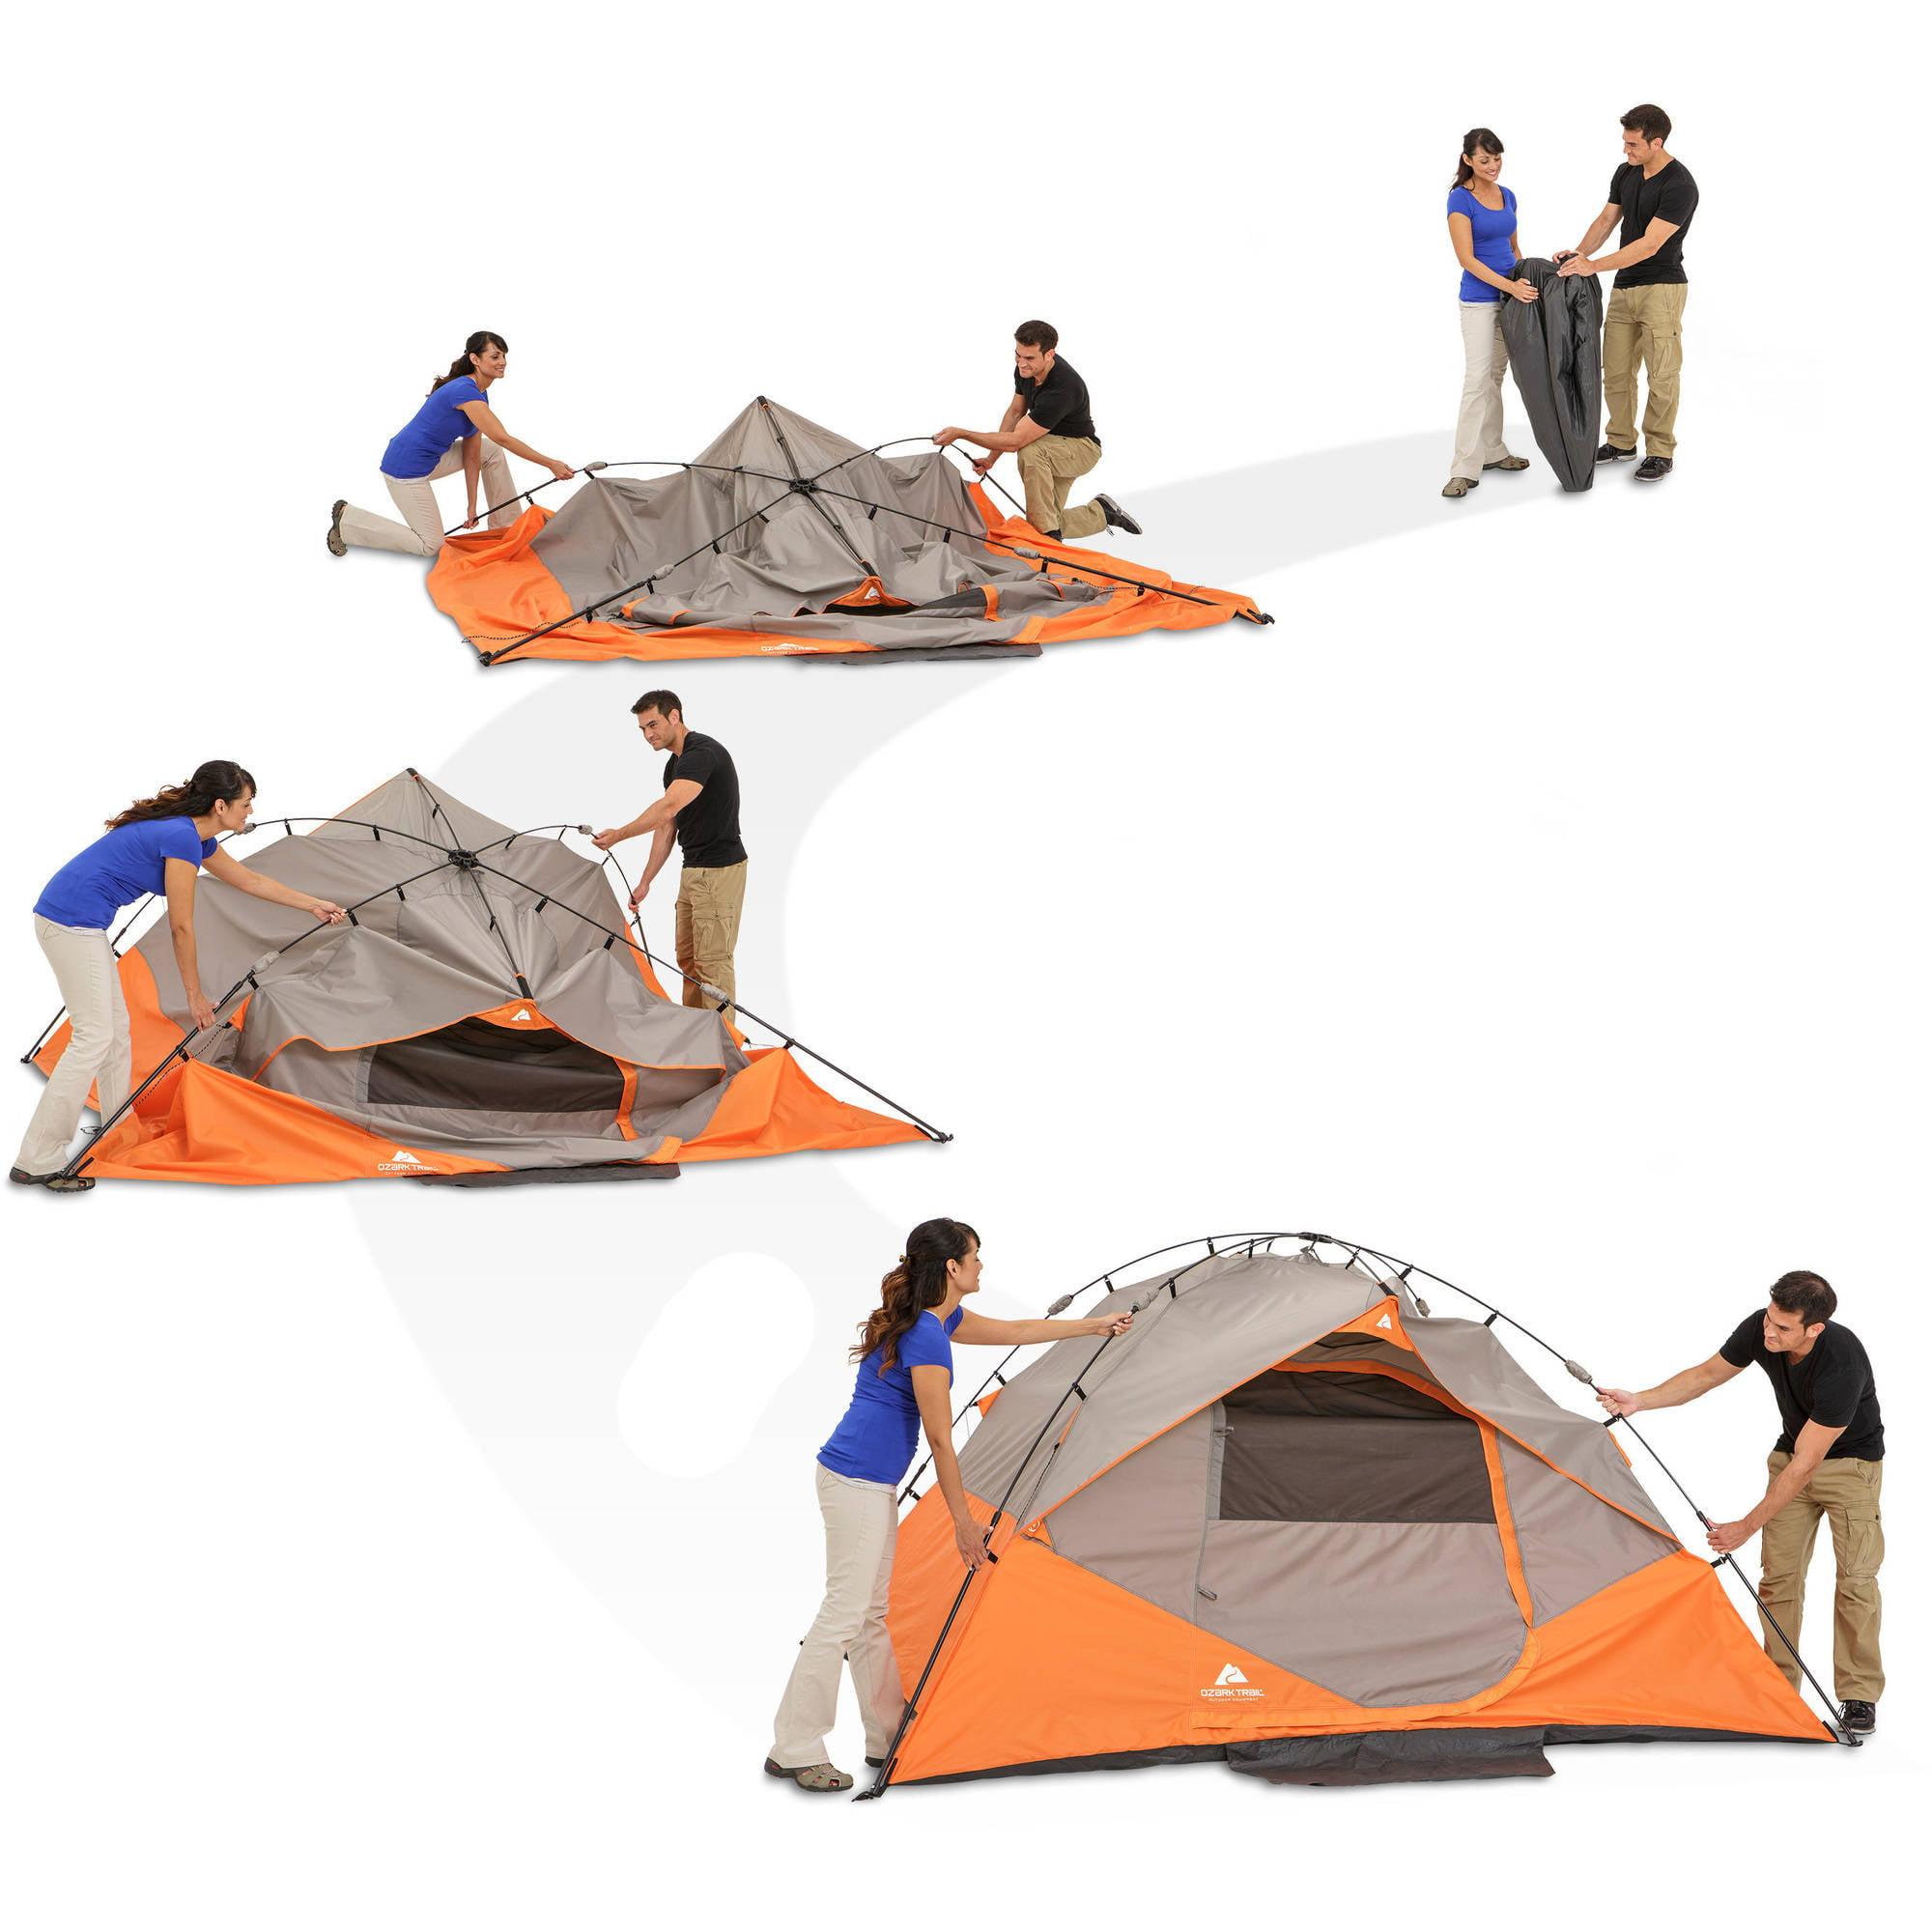 sc 1 st  Walmart & Ozark Trail Instant 10u0027 x 9u0027 Dome Camping Tent Sleeps 6 - Walmart.com